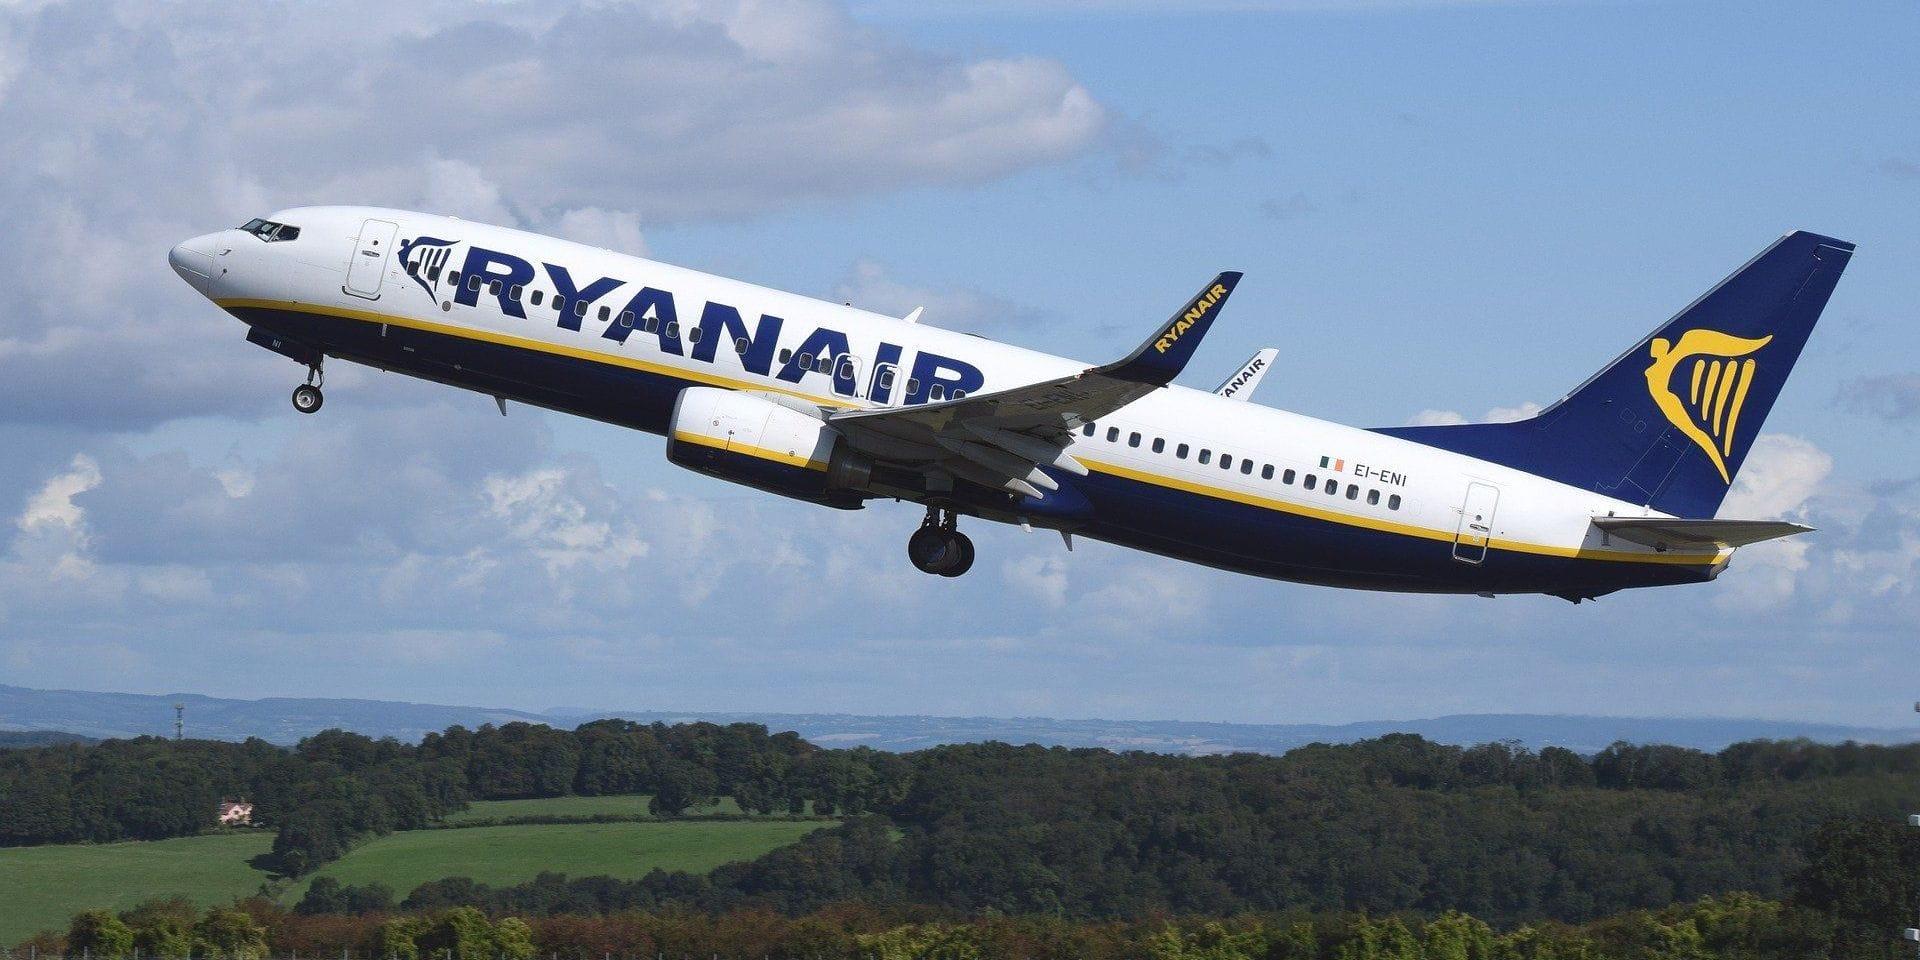 L'offre folle de Ryanair: envolez-vous pour 5 €!